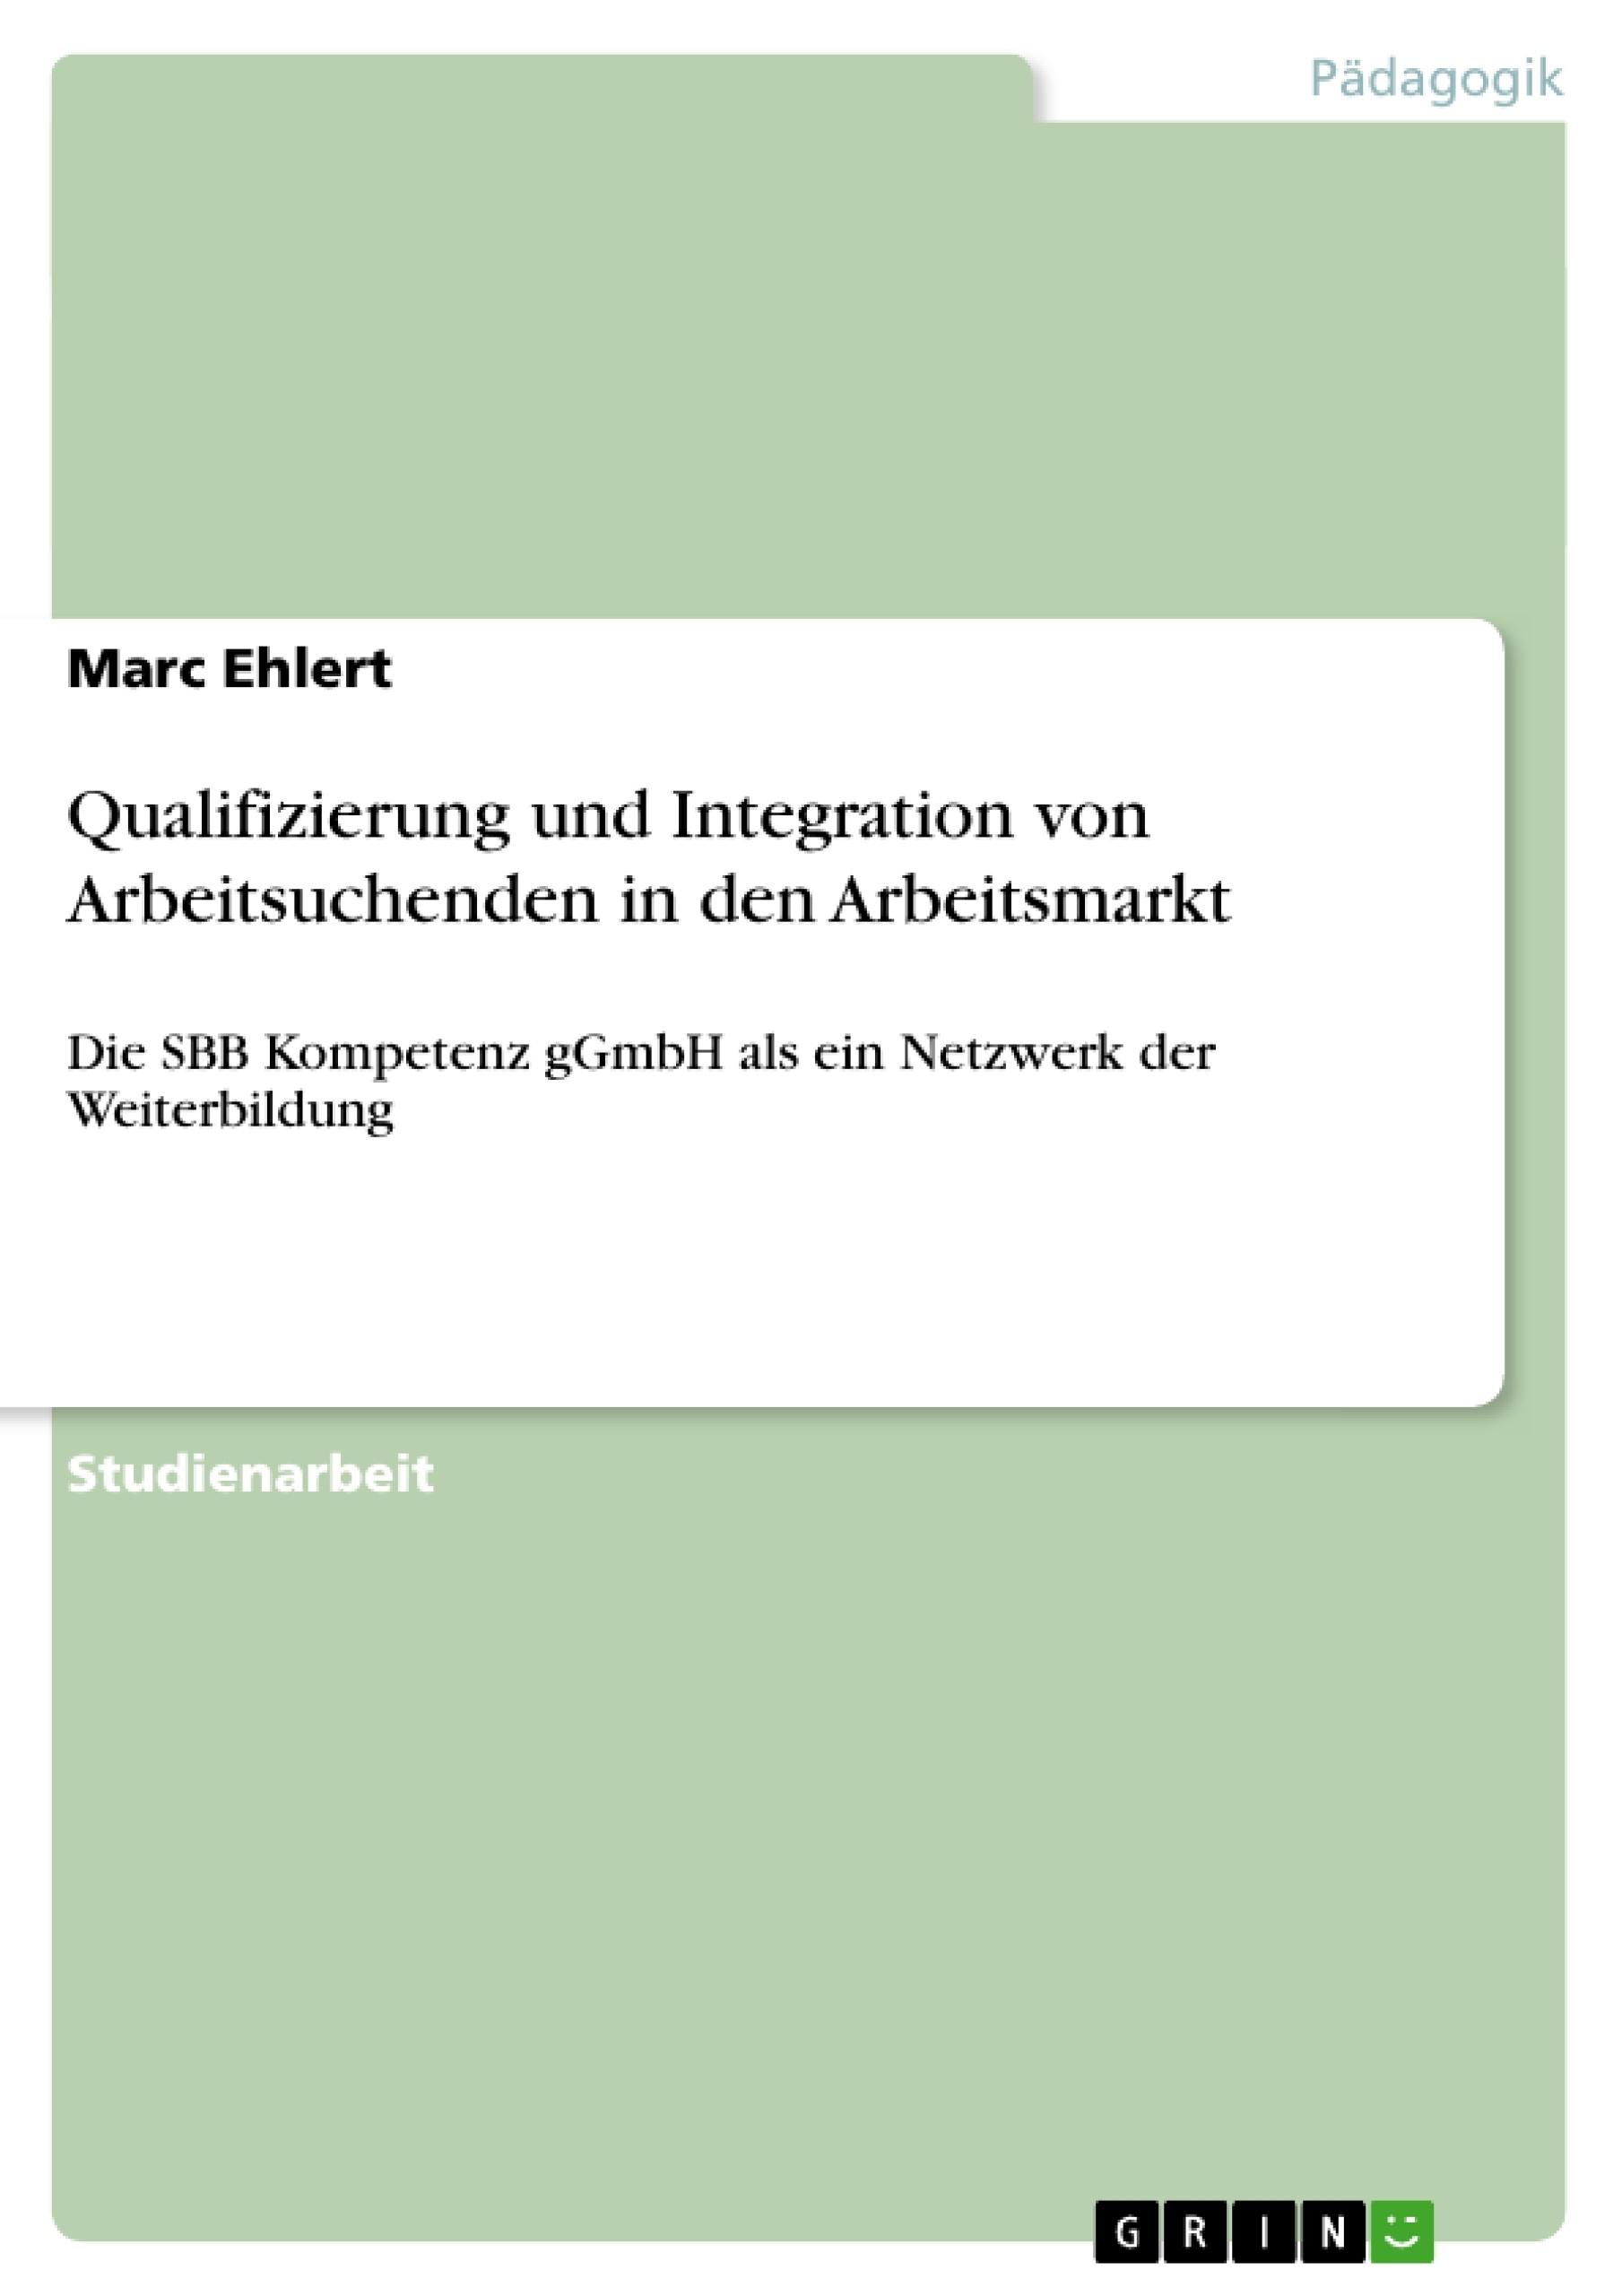 Titel: Qualifizierung und Integration von Arbeitsuchenden in den Arbeitsmarkt